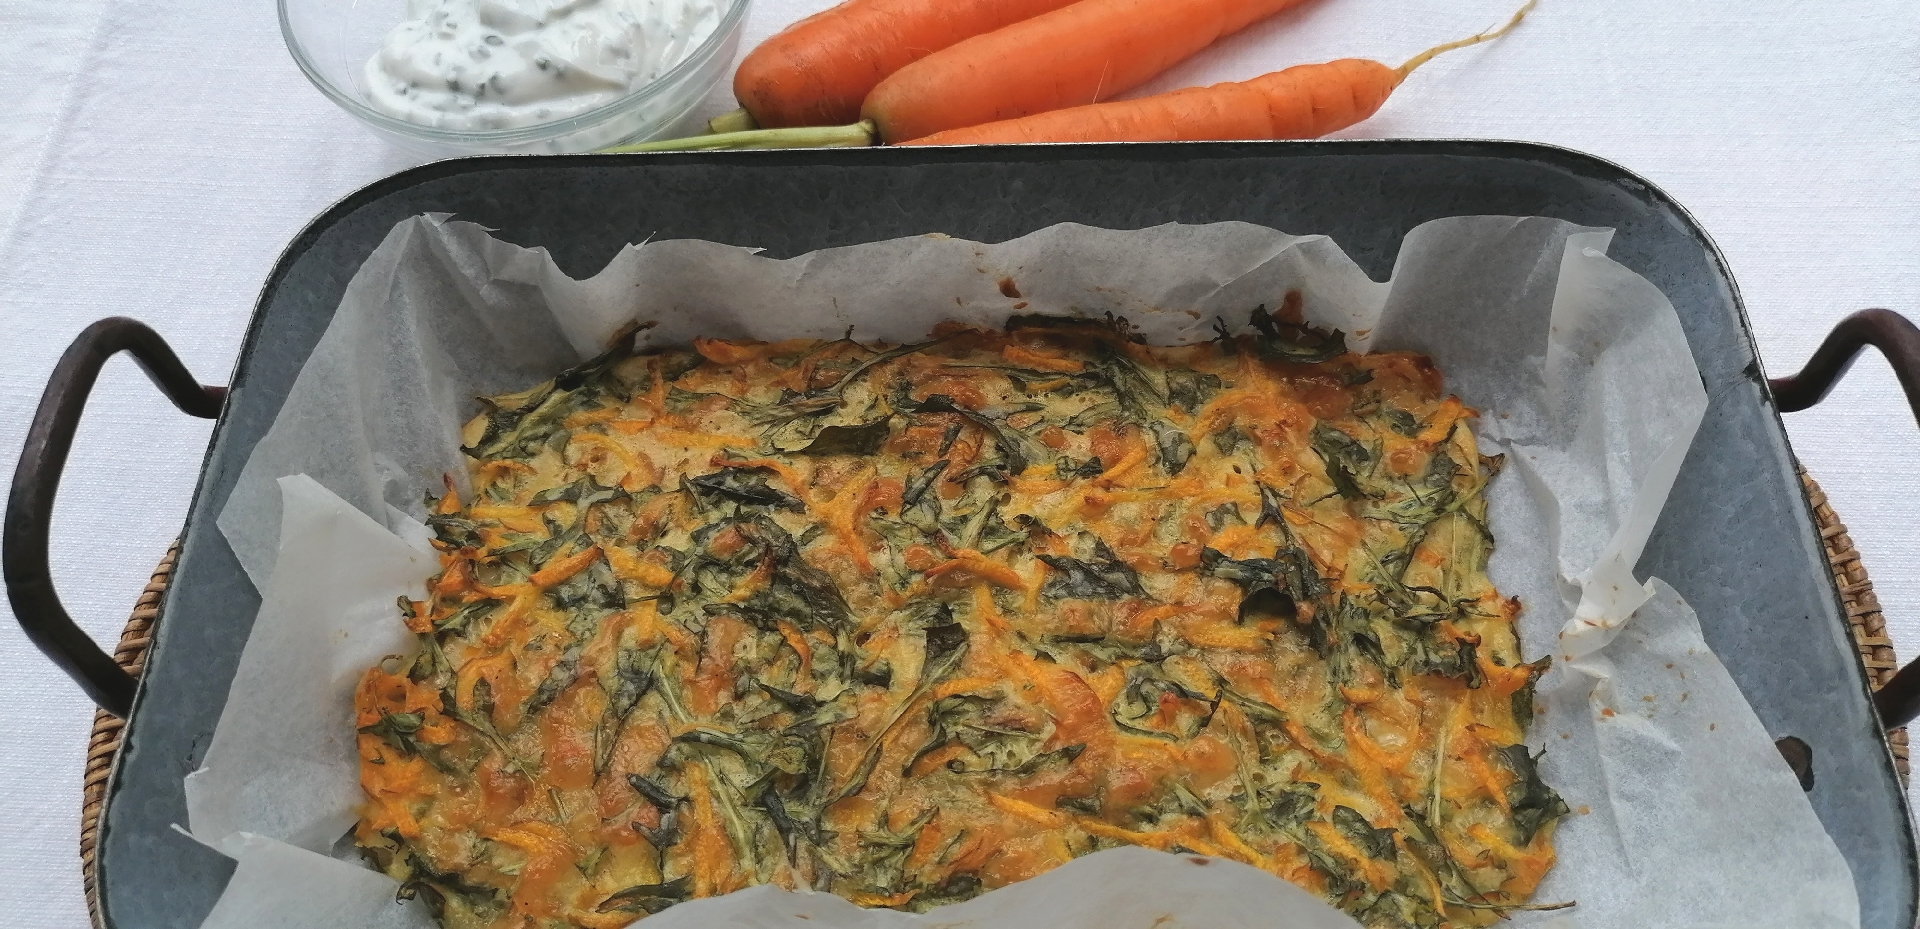 essenzielles_gesundes Mittagessen_Rucola-Karotten-Kuchen